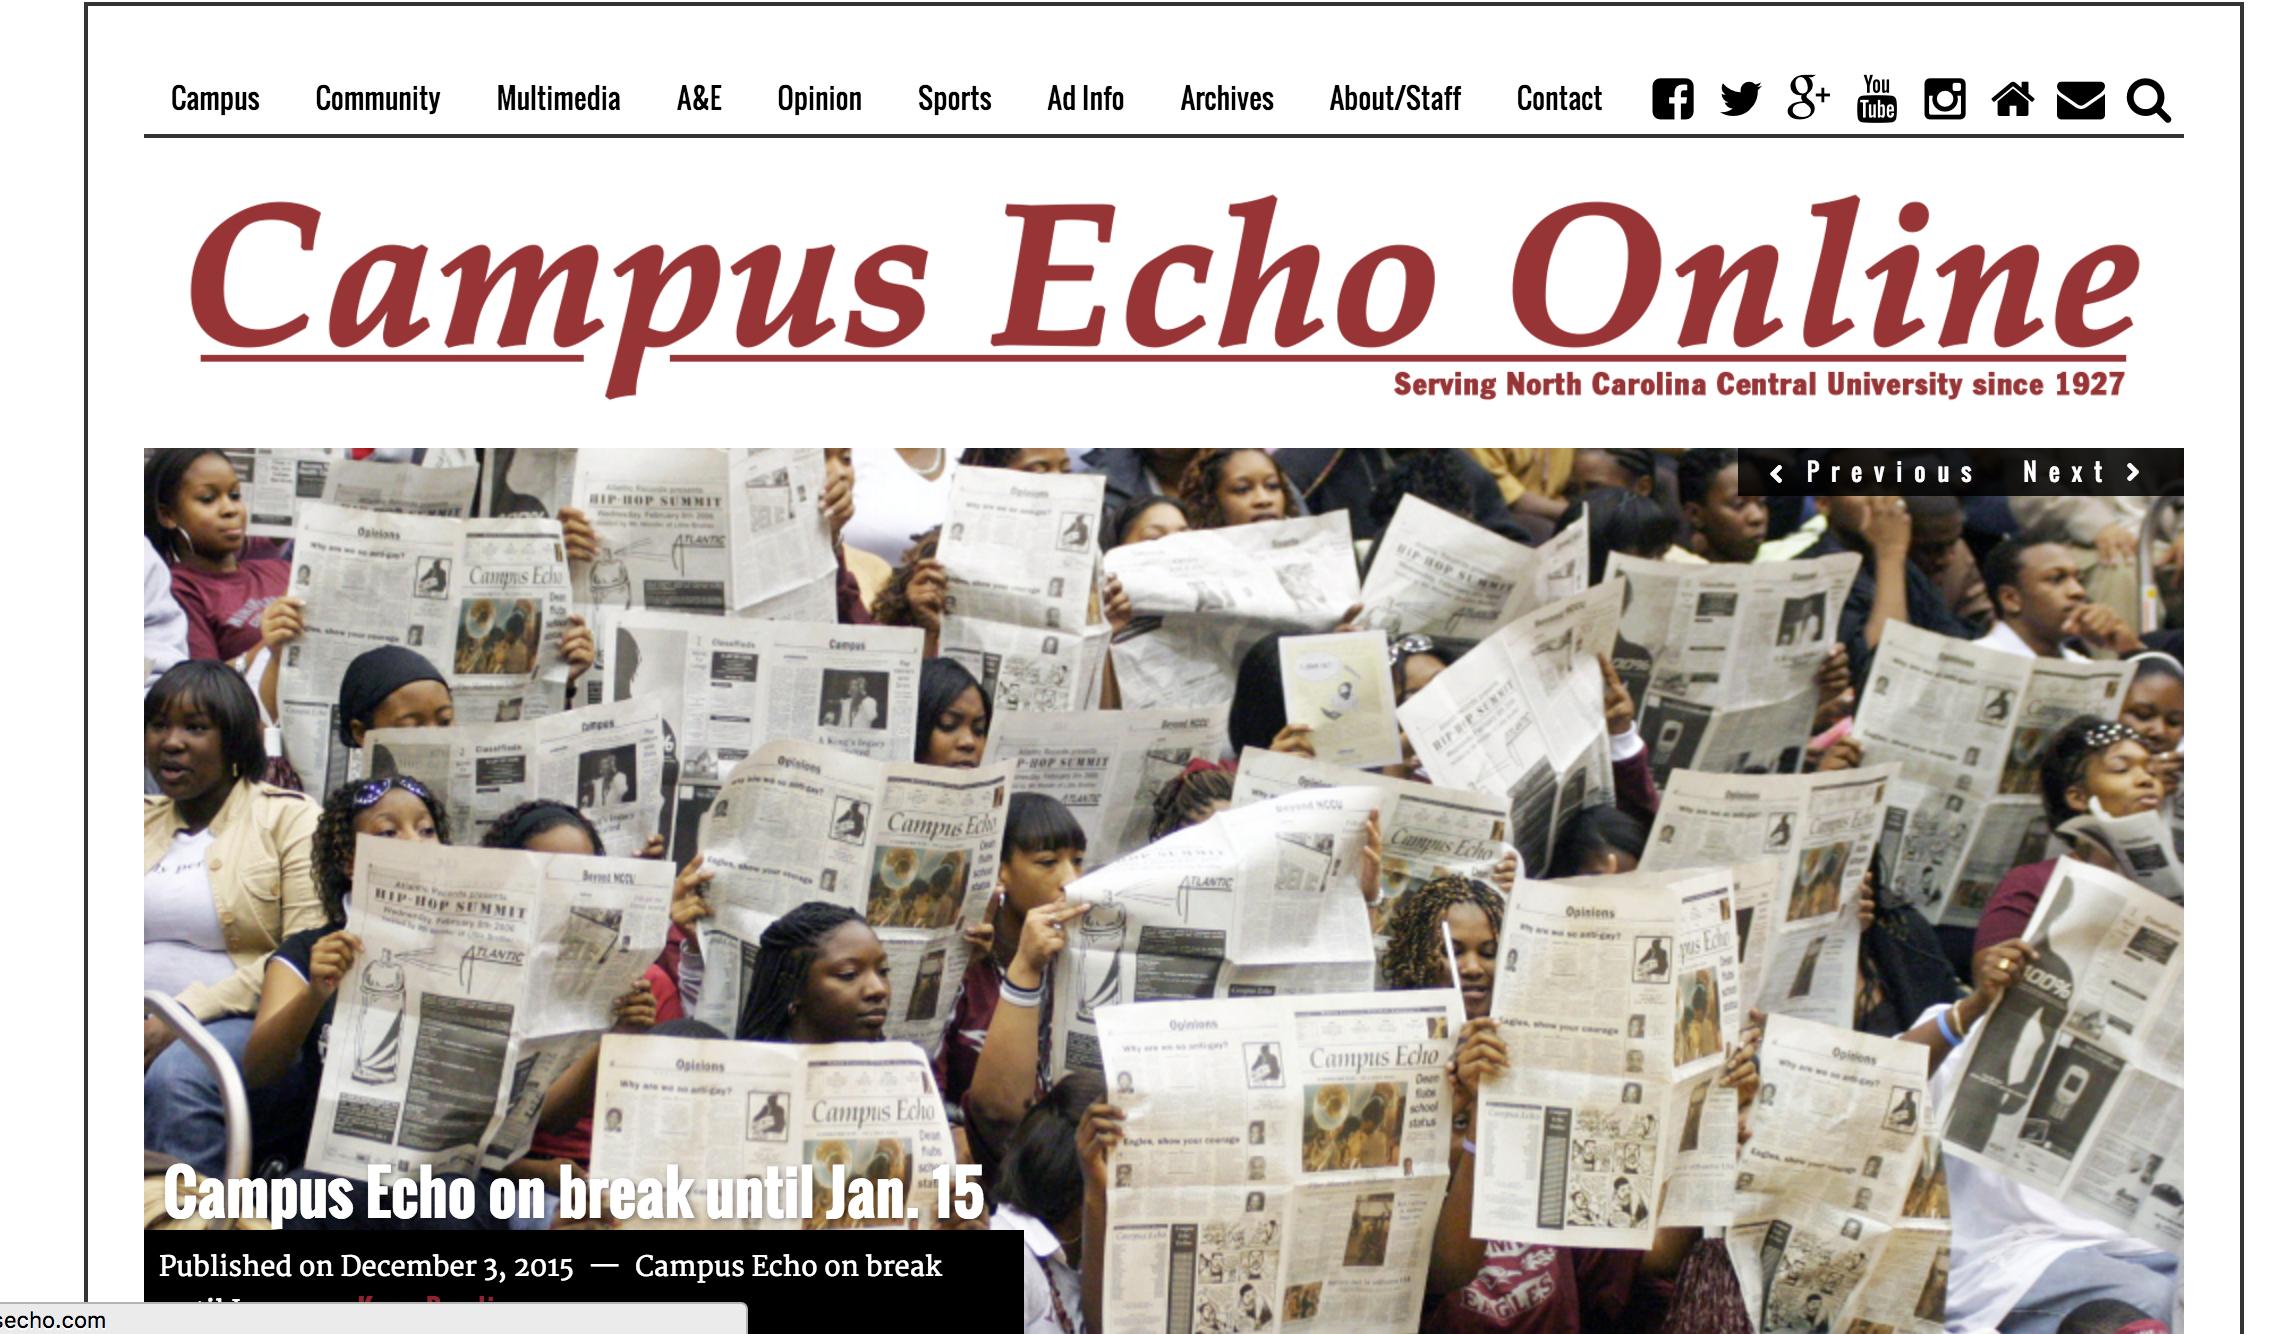 The Campus Echo